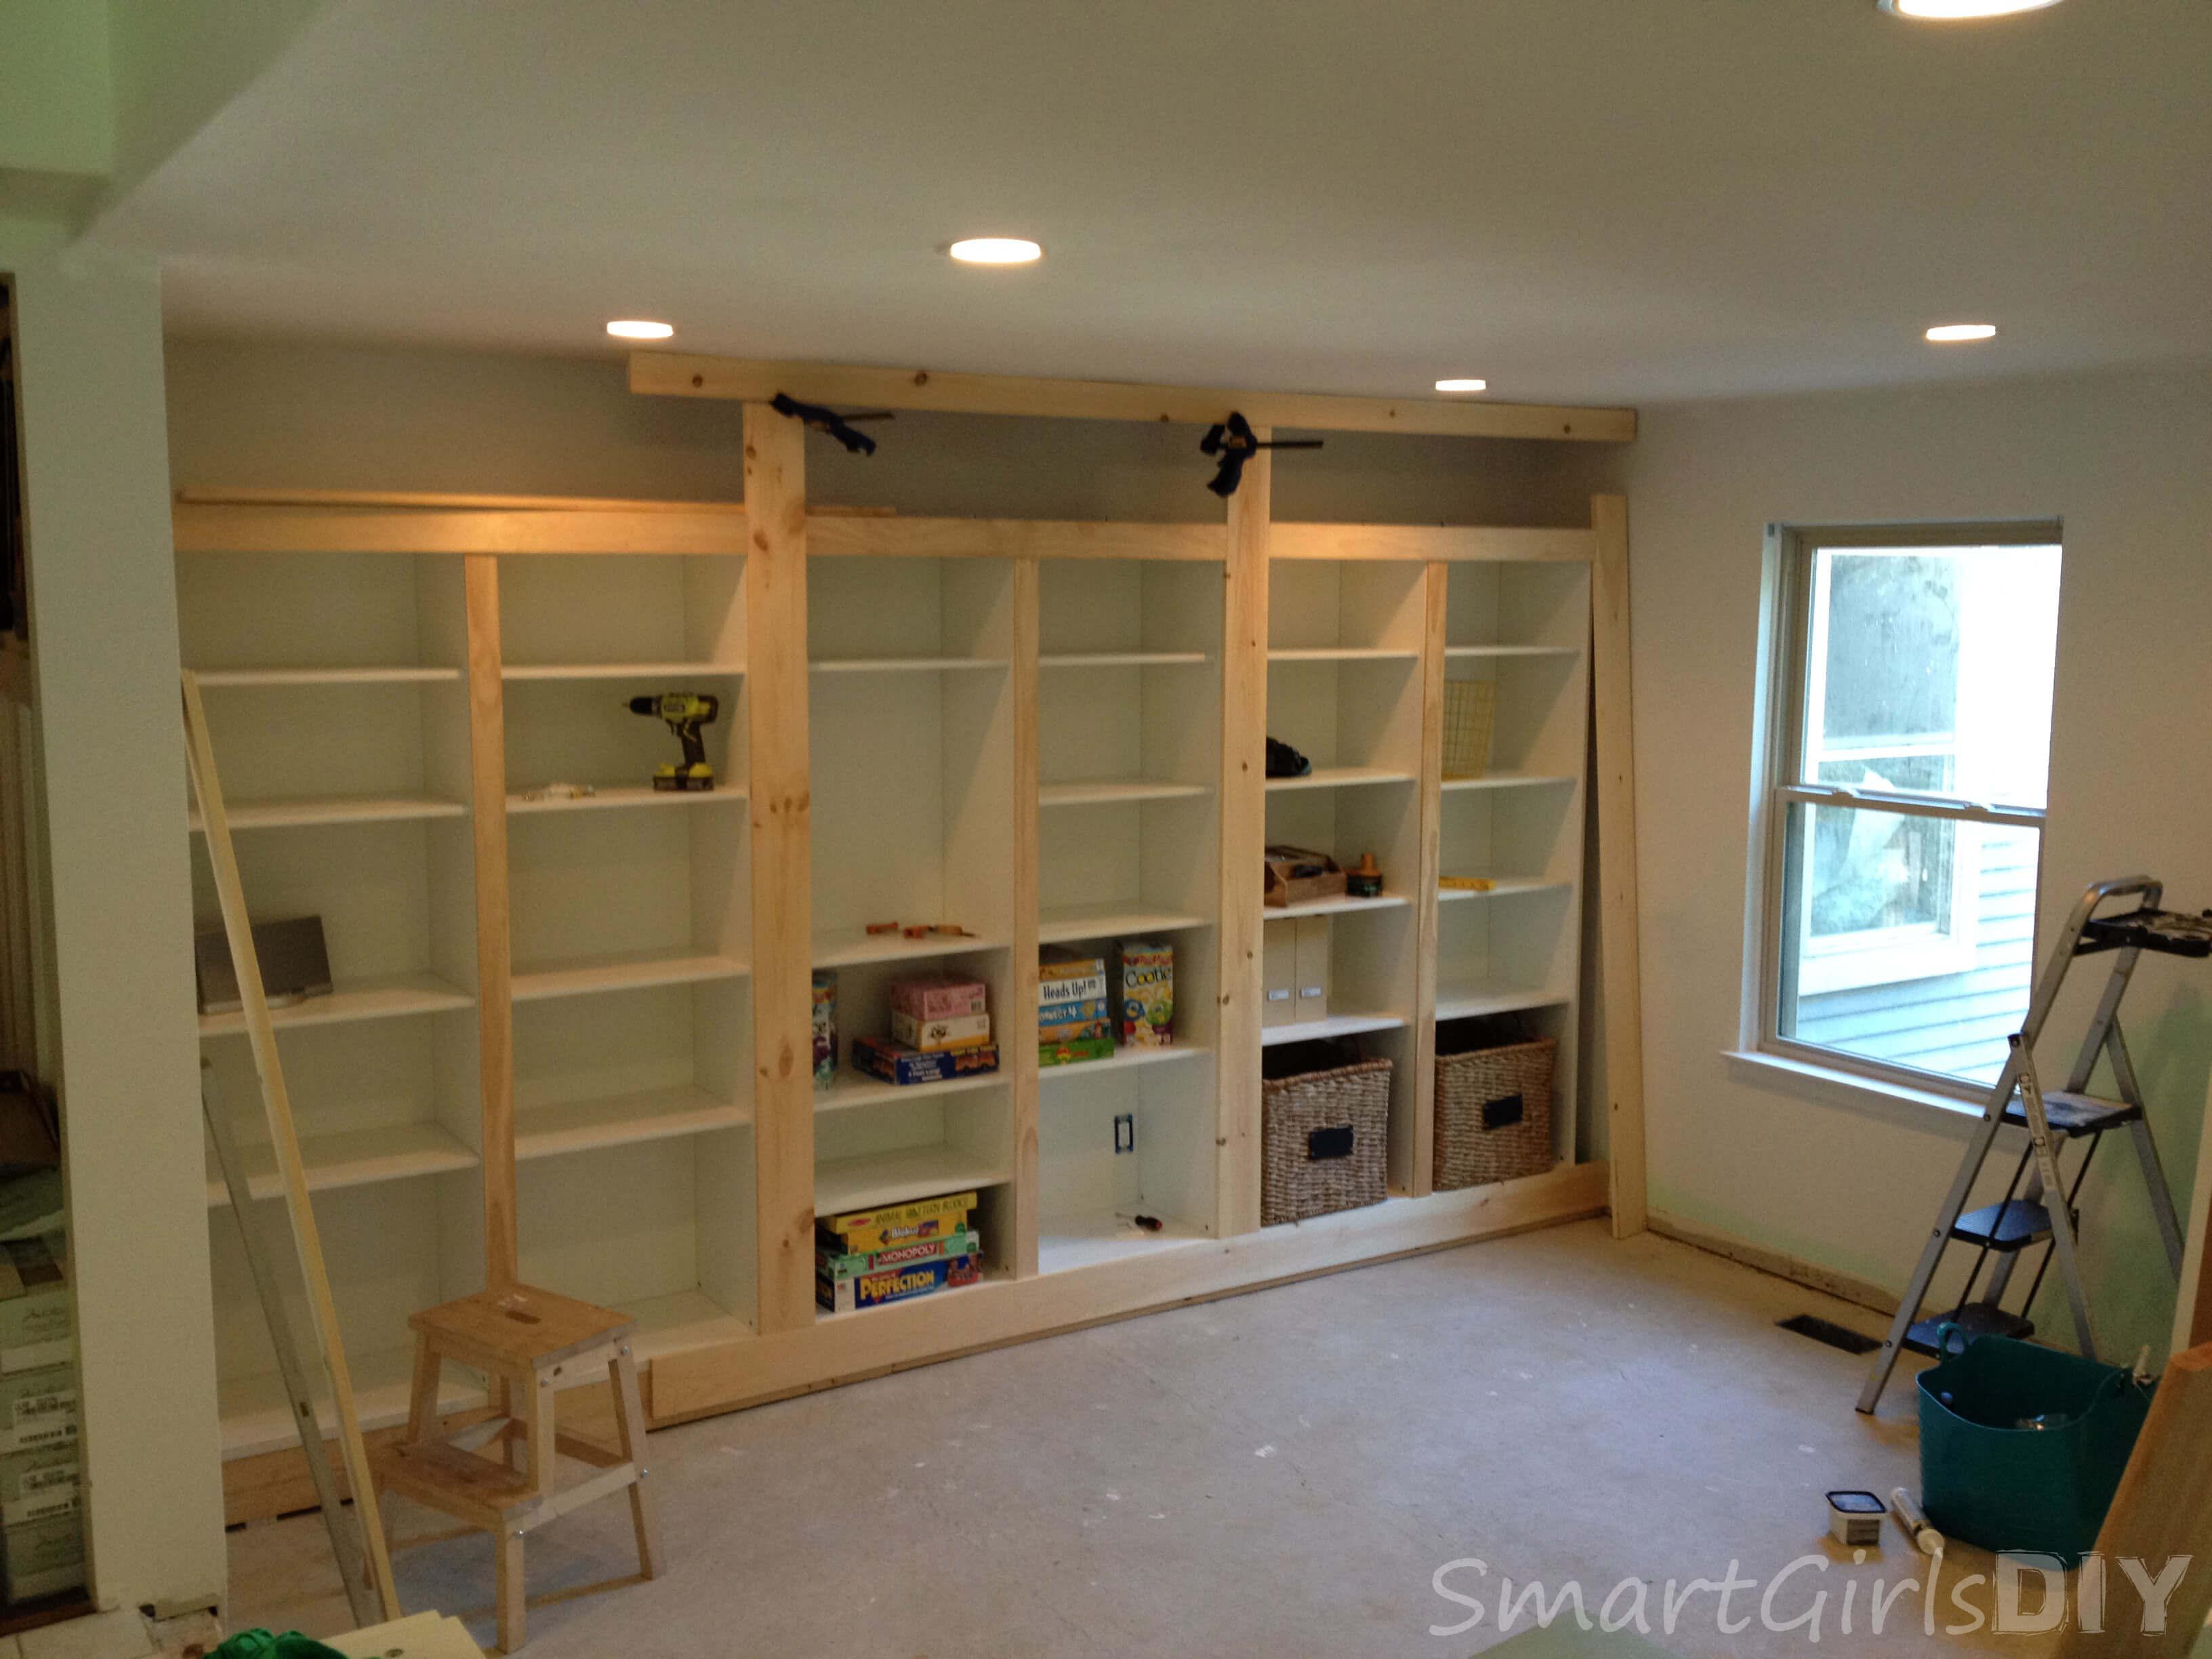 how to build a lego bookshelf